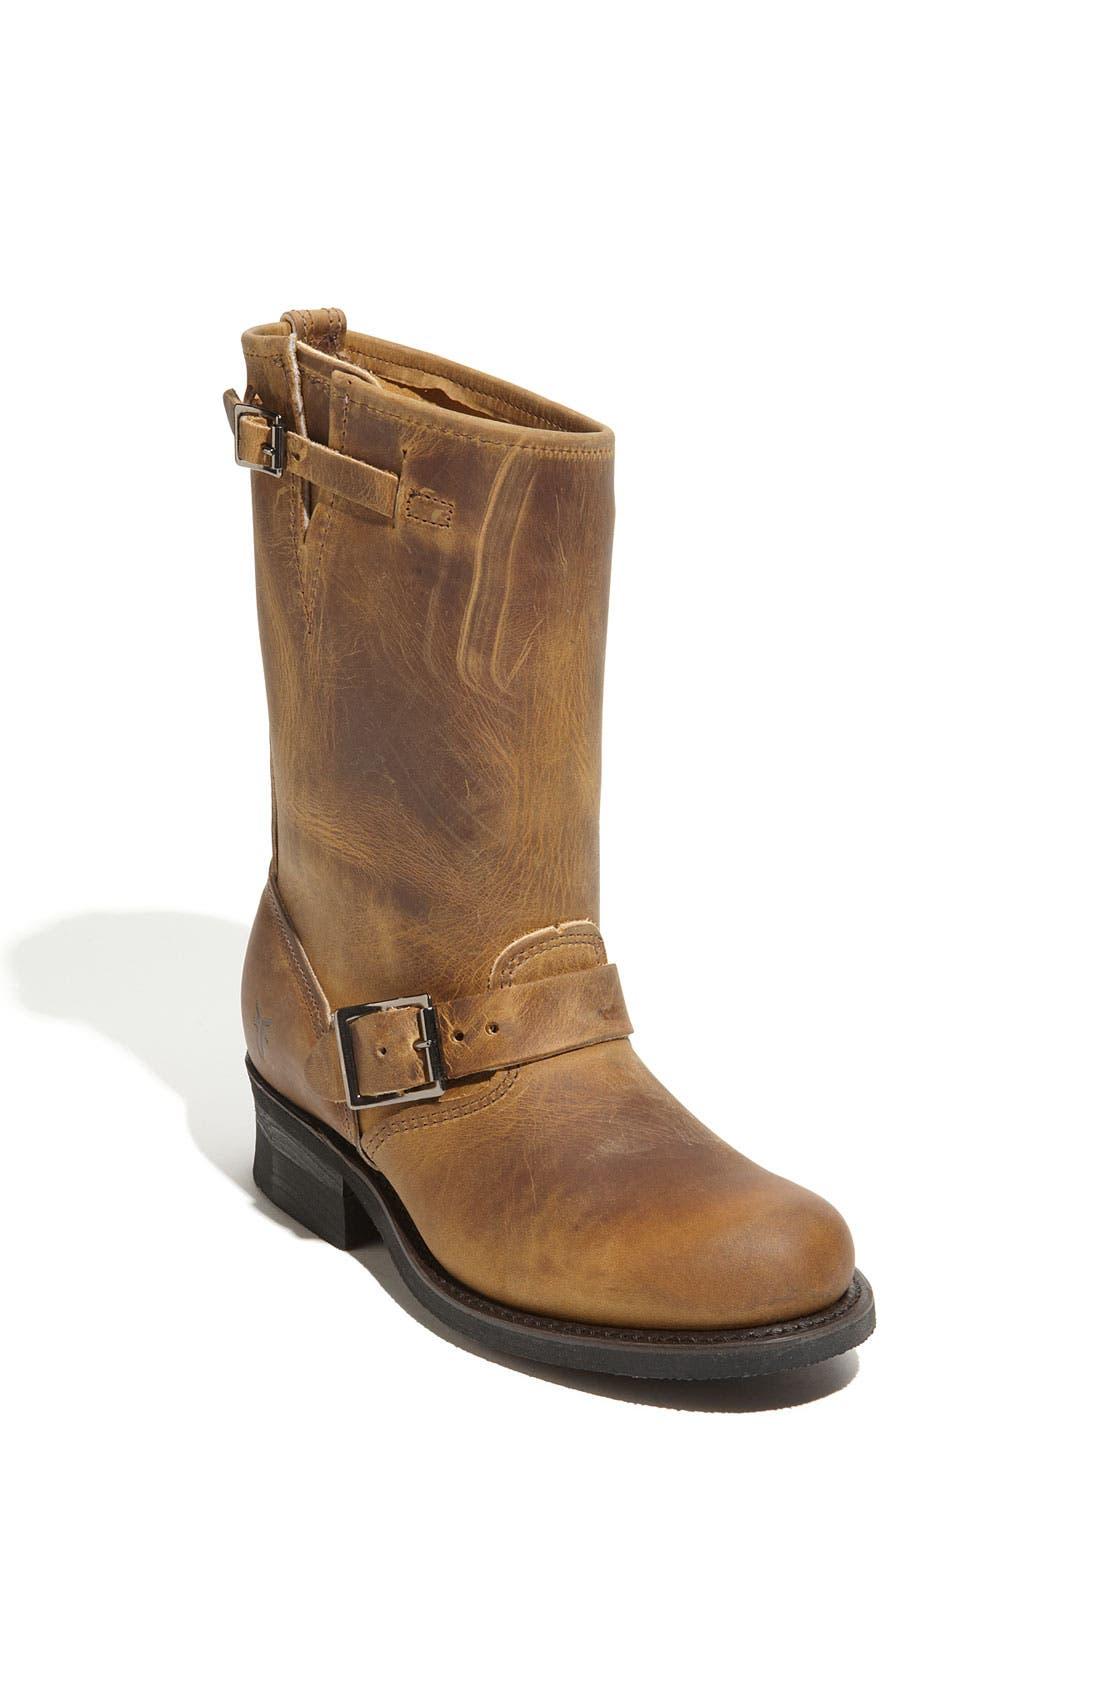 Alternate Image 1 Selected - Frye 'Engineer 12R' Boot